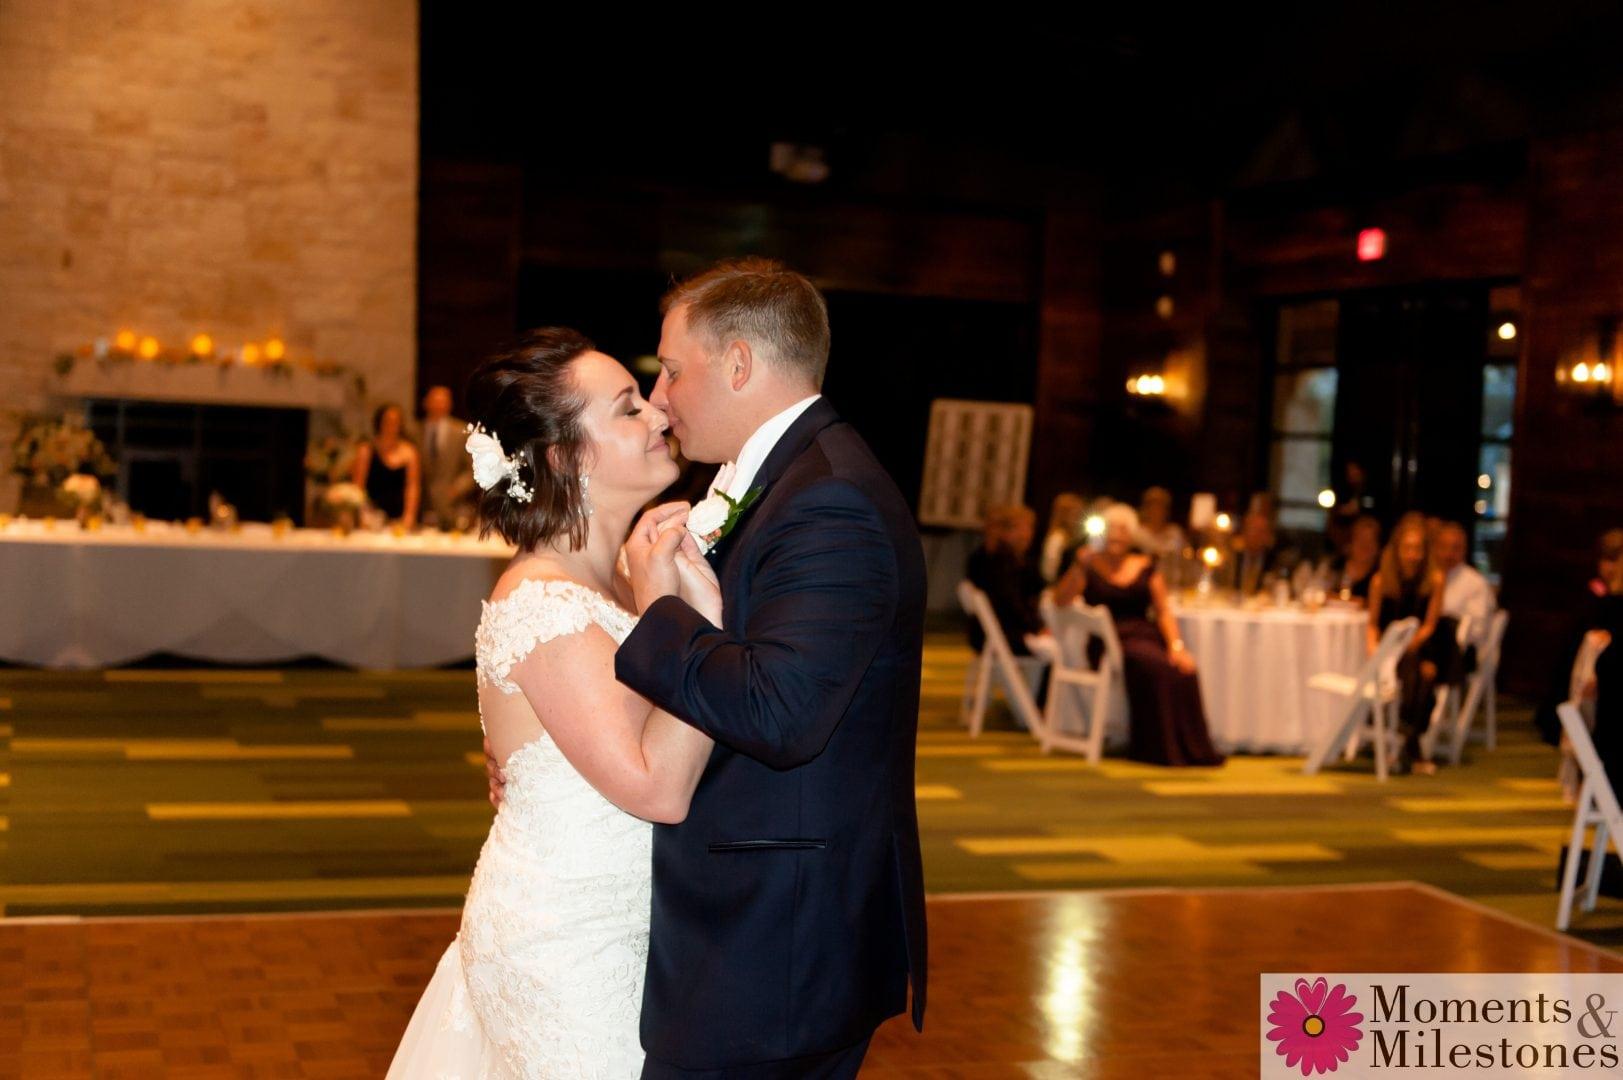 Jen & Travis JW Marriott Wedding Bliss